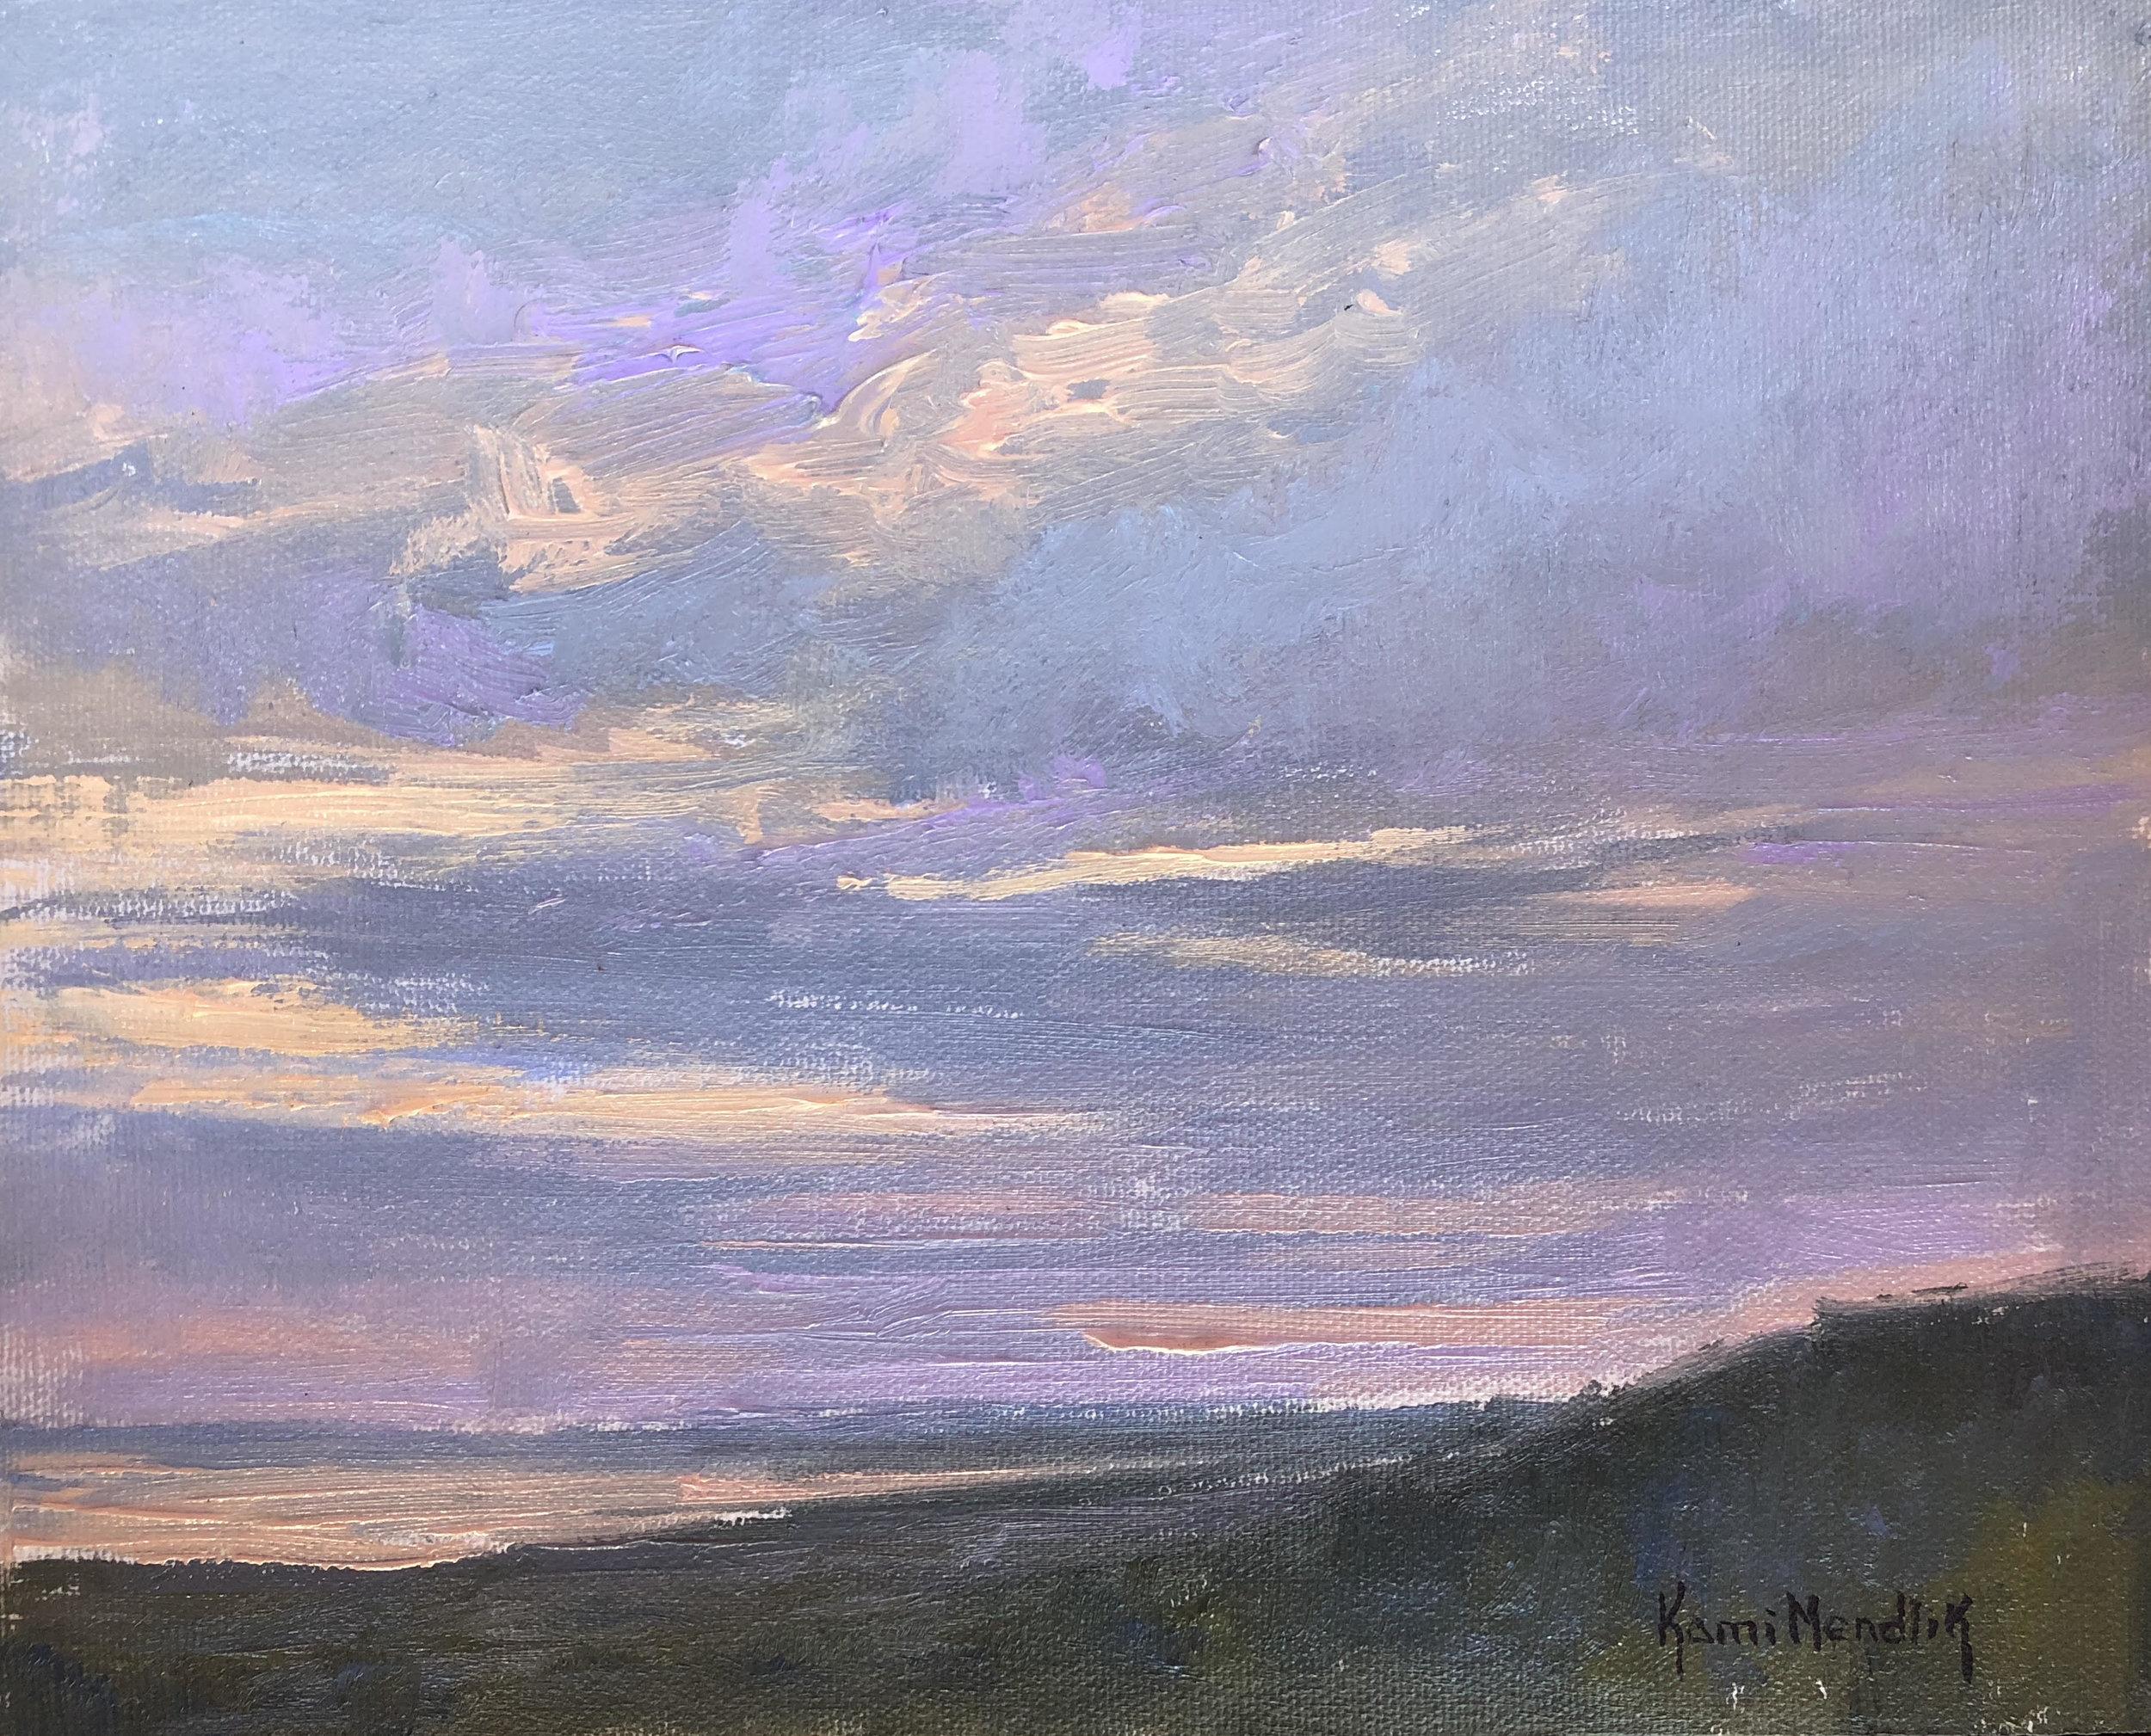 Sky painting by Kami Mendlik